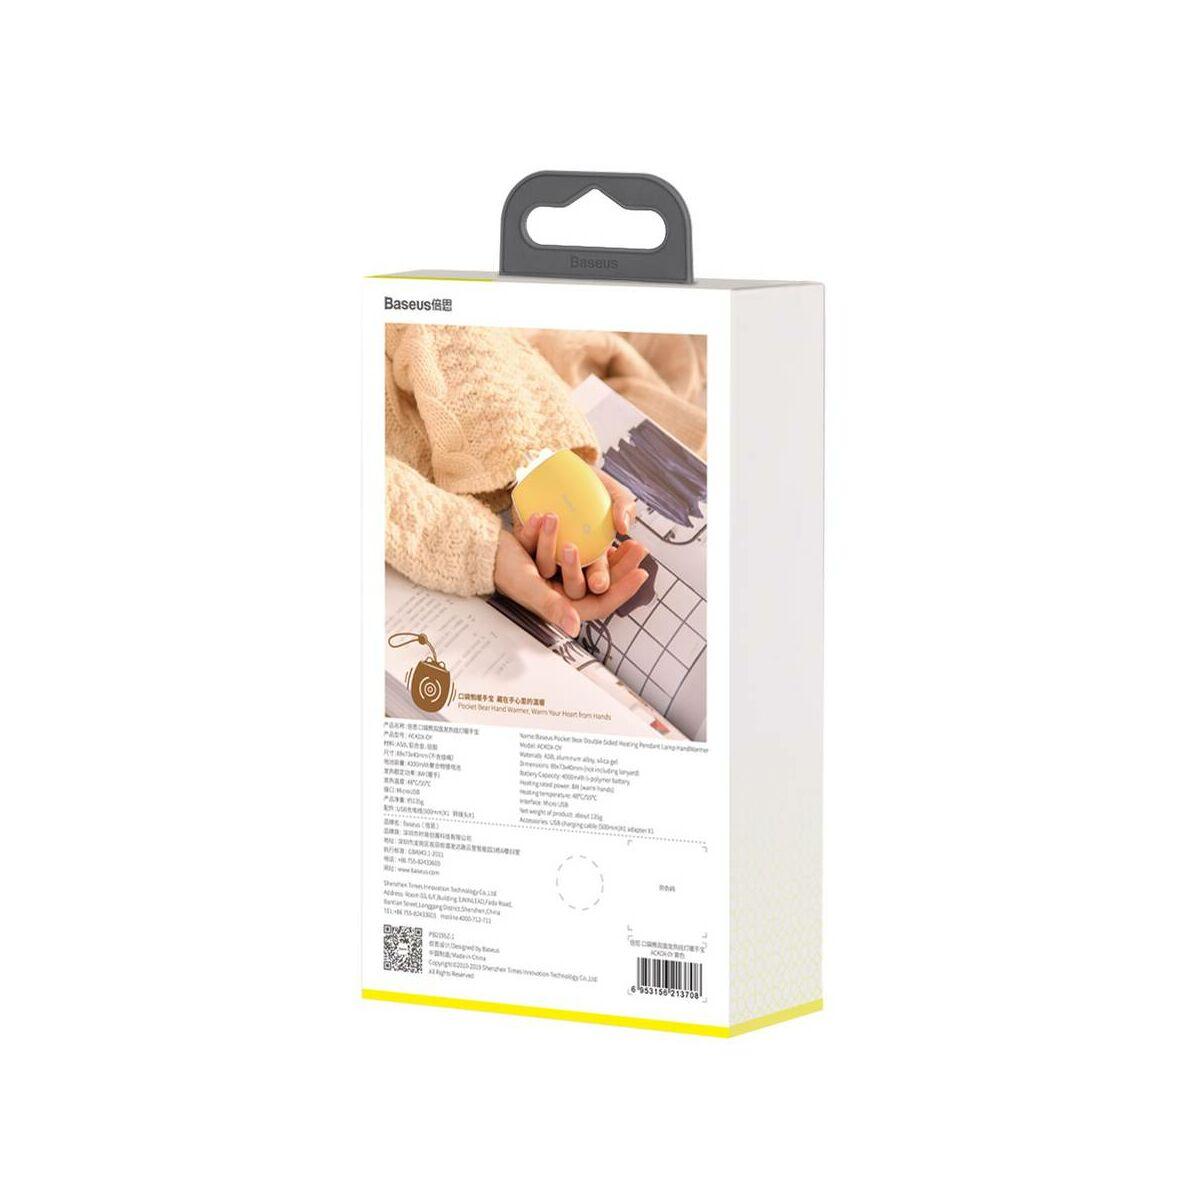 Baseus kézmelegítő, két kezes Pocket Bear tölthető, zsebben könnyen elfér, citrom (ACKDX-0Y)